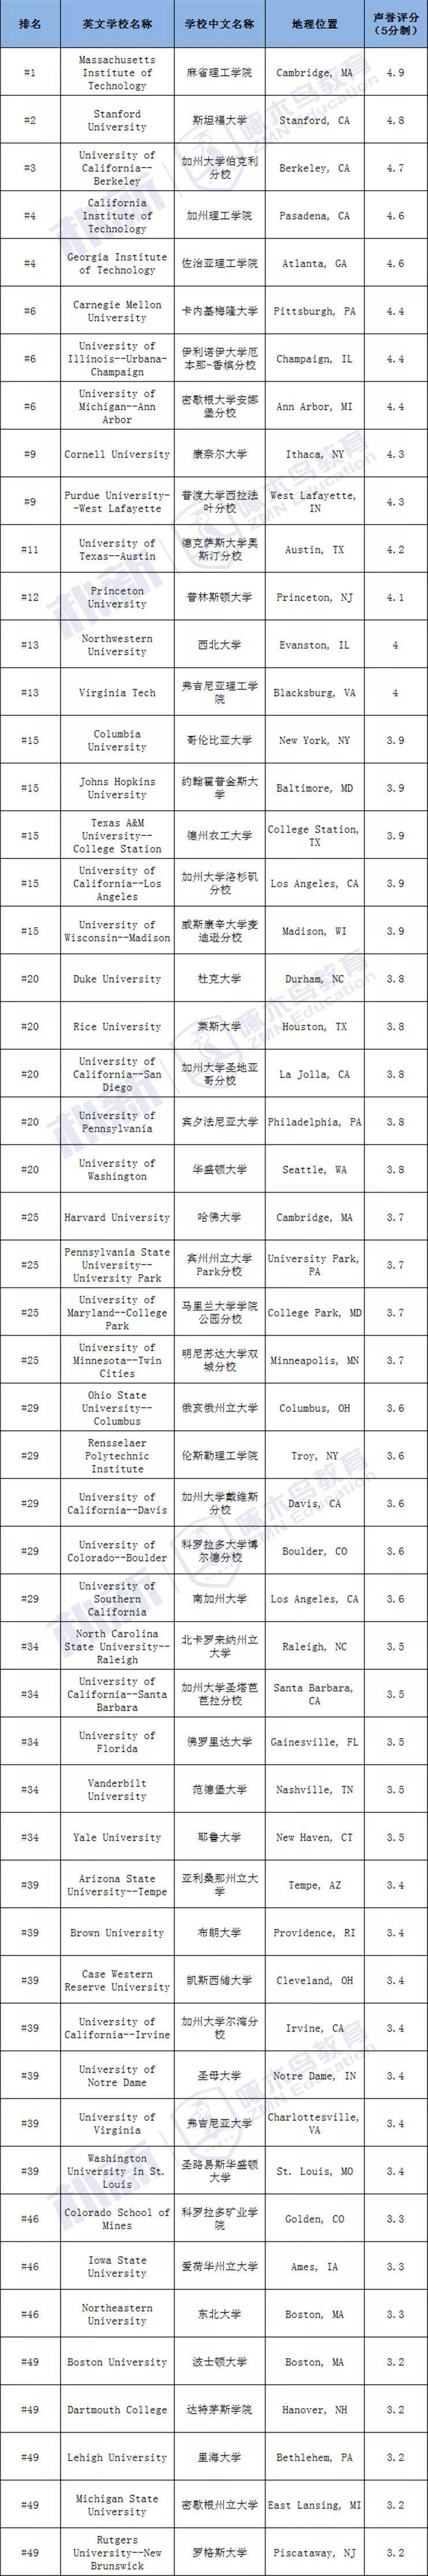 想学工程的同学看过来!2020US.News最佳本科工程院校排名来啦!!